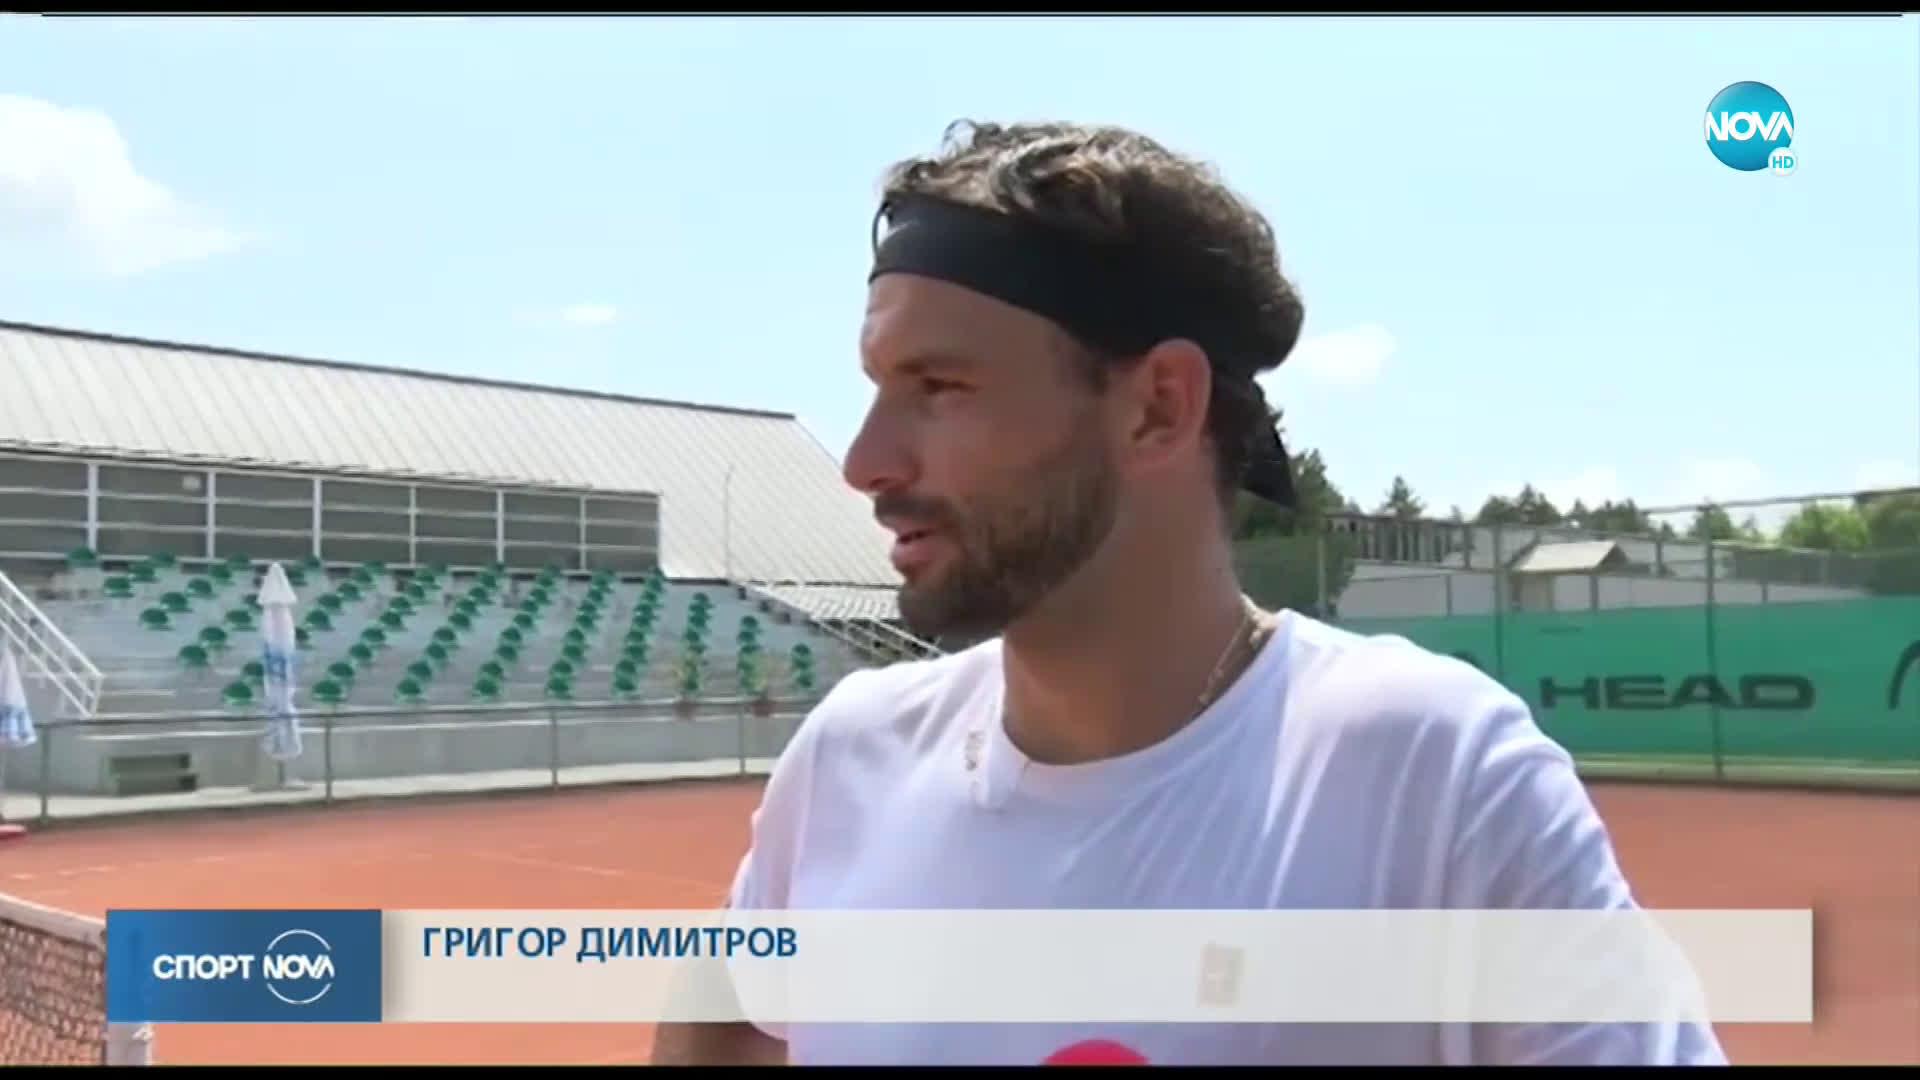 Гришо отново в България, тренира в родния му град